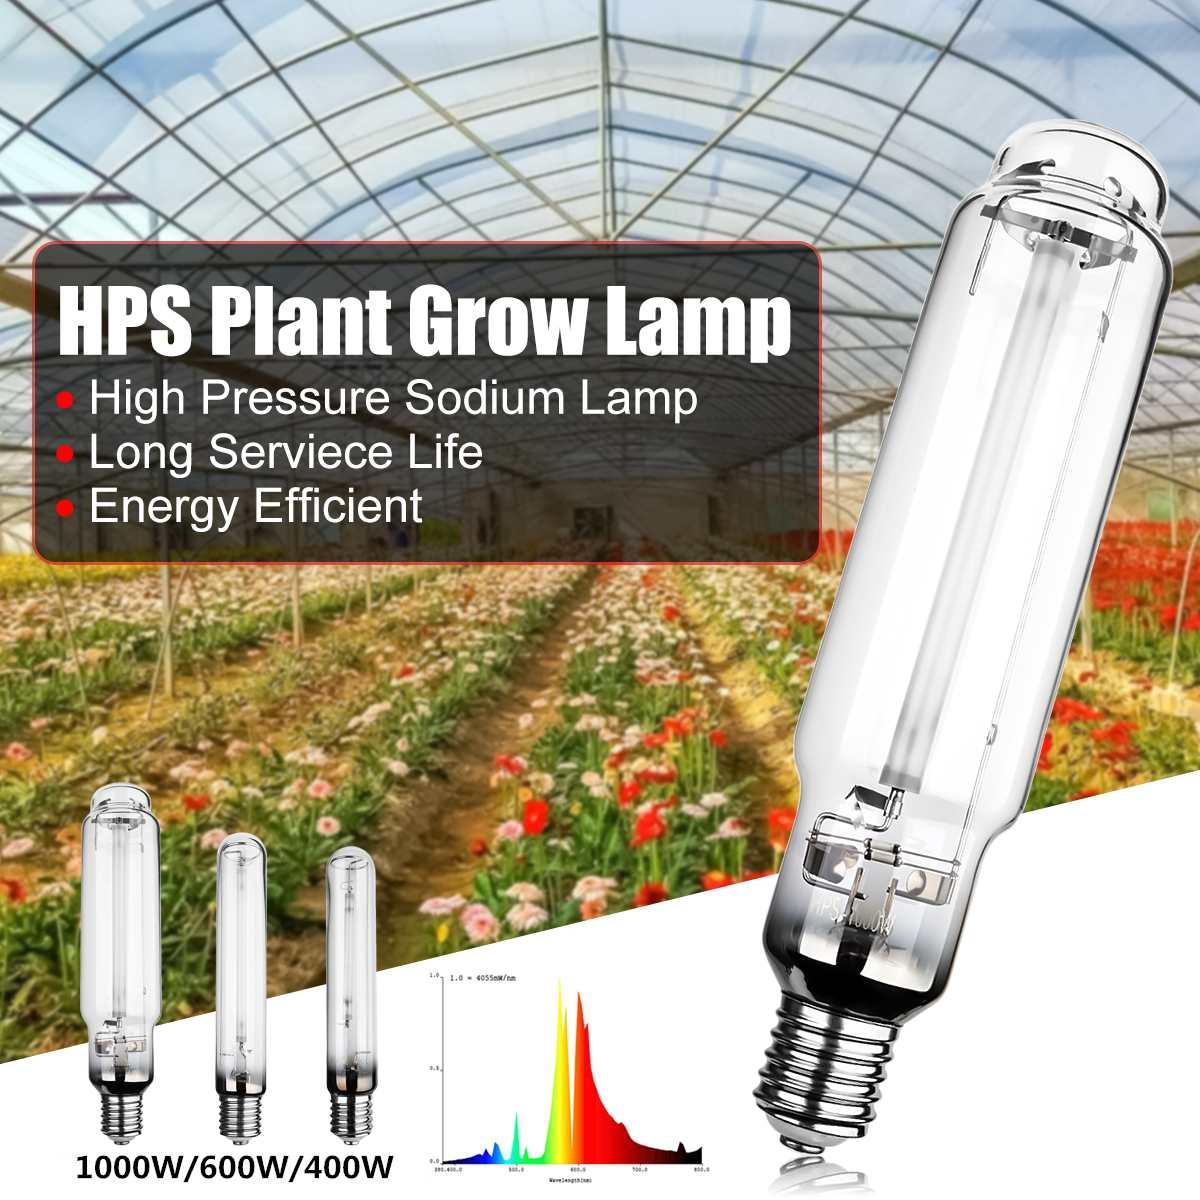 Lámpara de sodio de alta presión HPS planta crece la lámpara 400 W 600 W 1000 W E40 23Ra energía eficiente servicio de larga la vida de 23000 horas